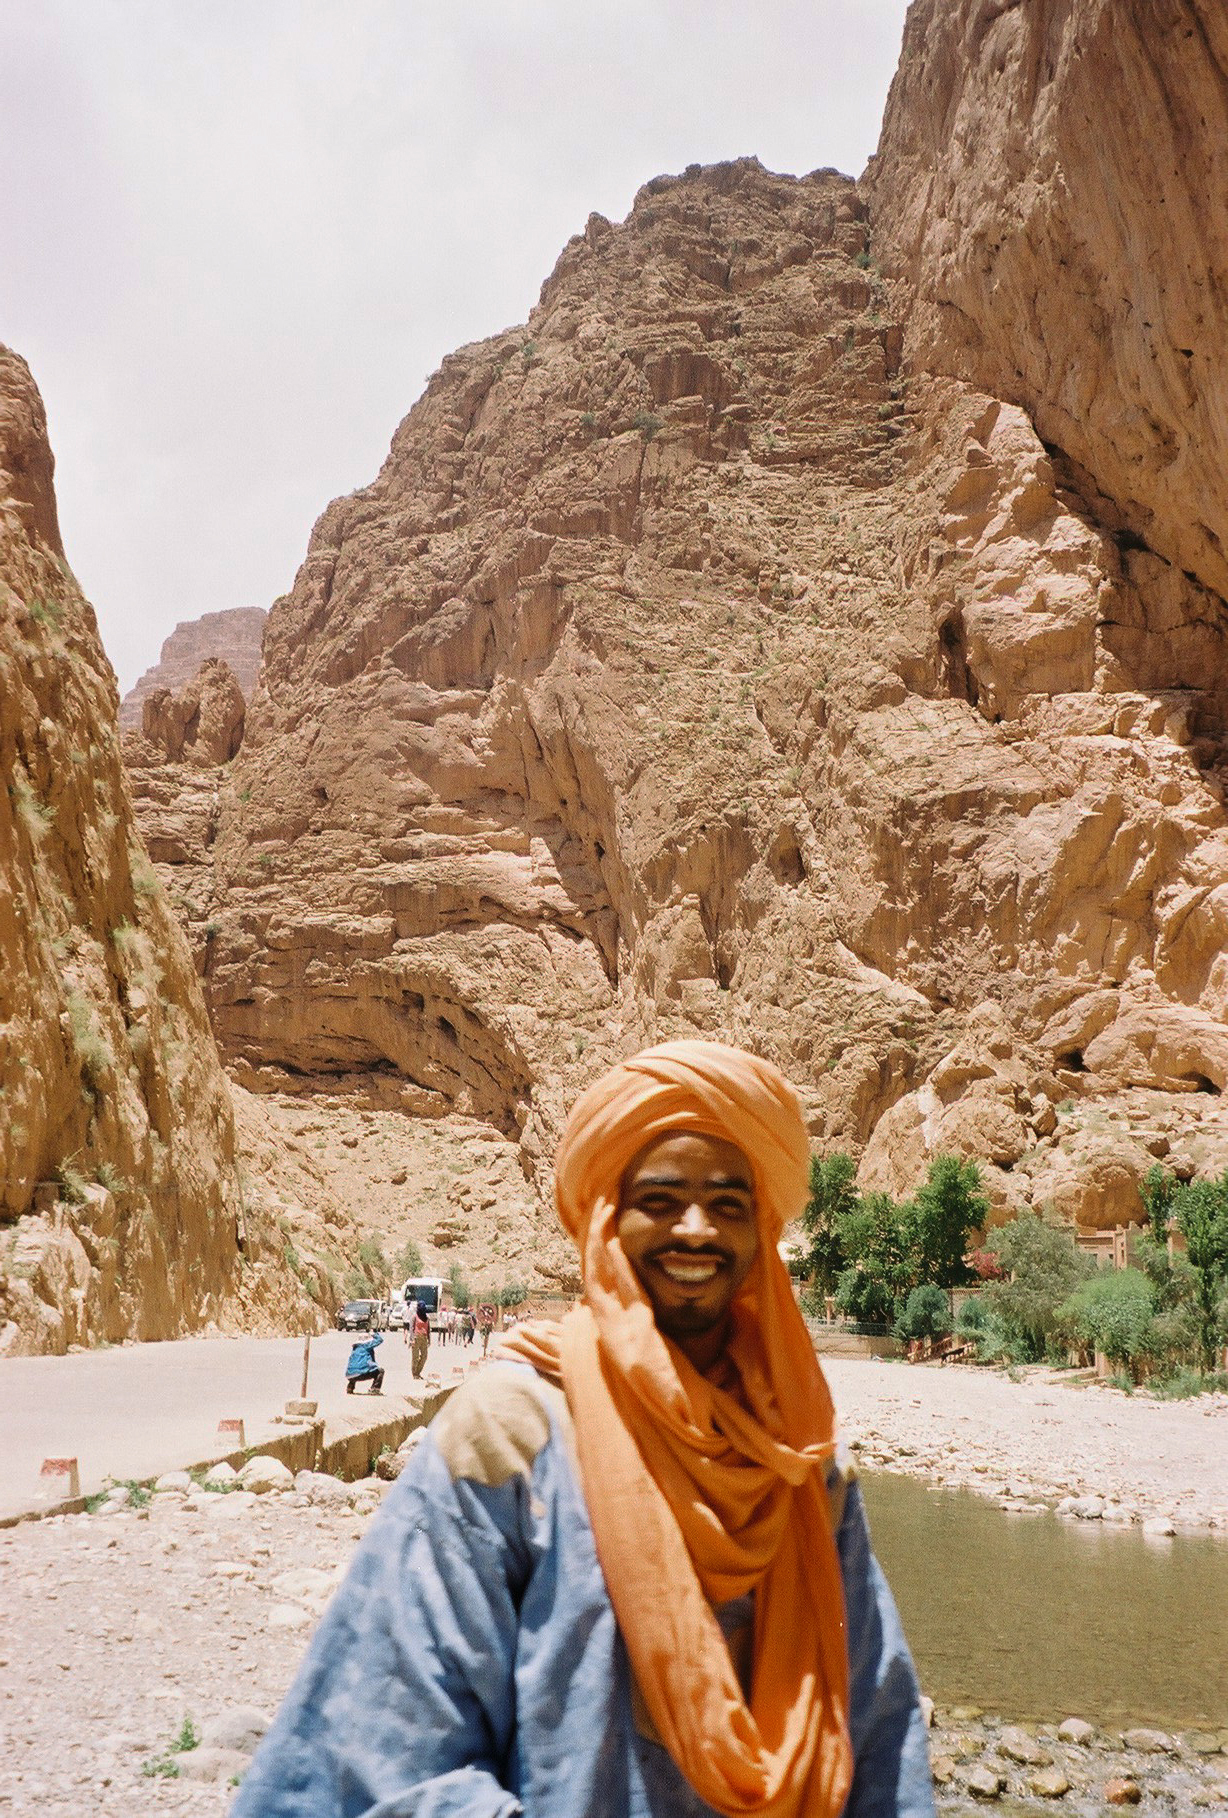 Марокко фото, Пустыня сахара фото, Люди в горах фото